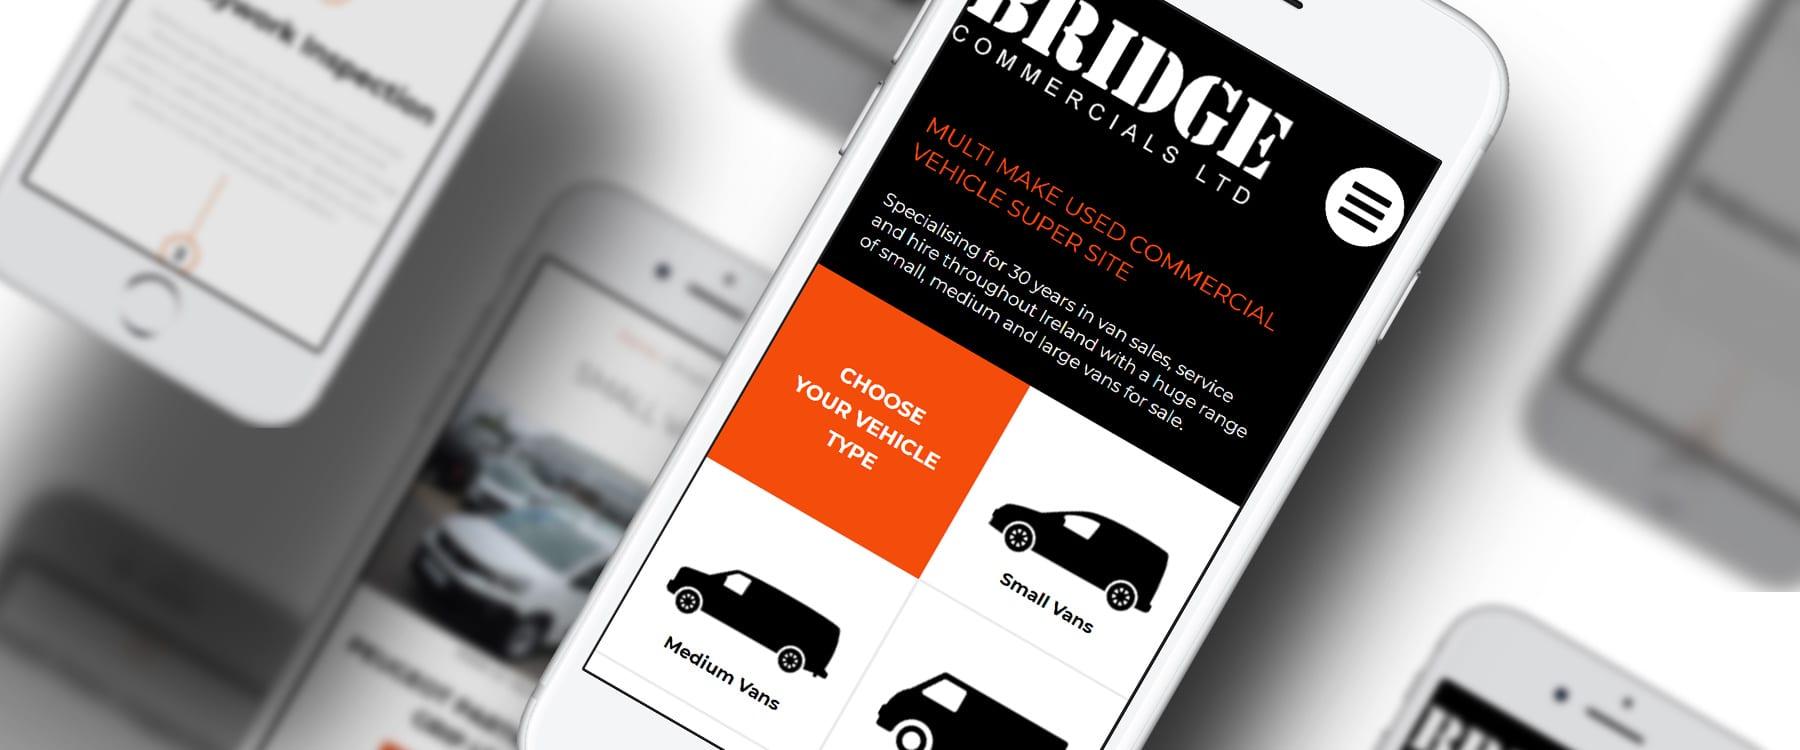 Bridge Commercials Image third